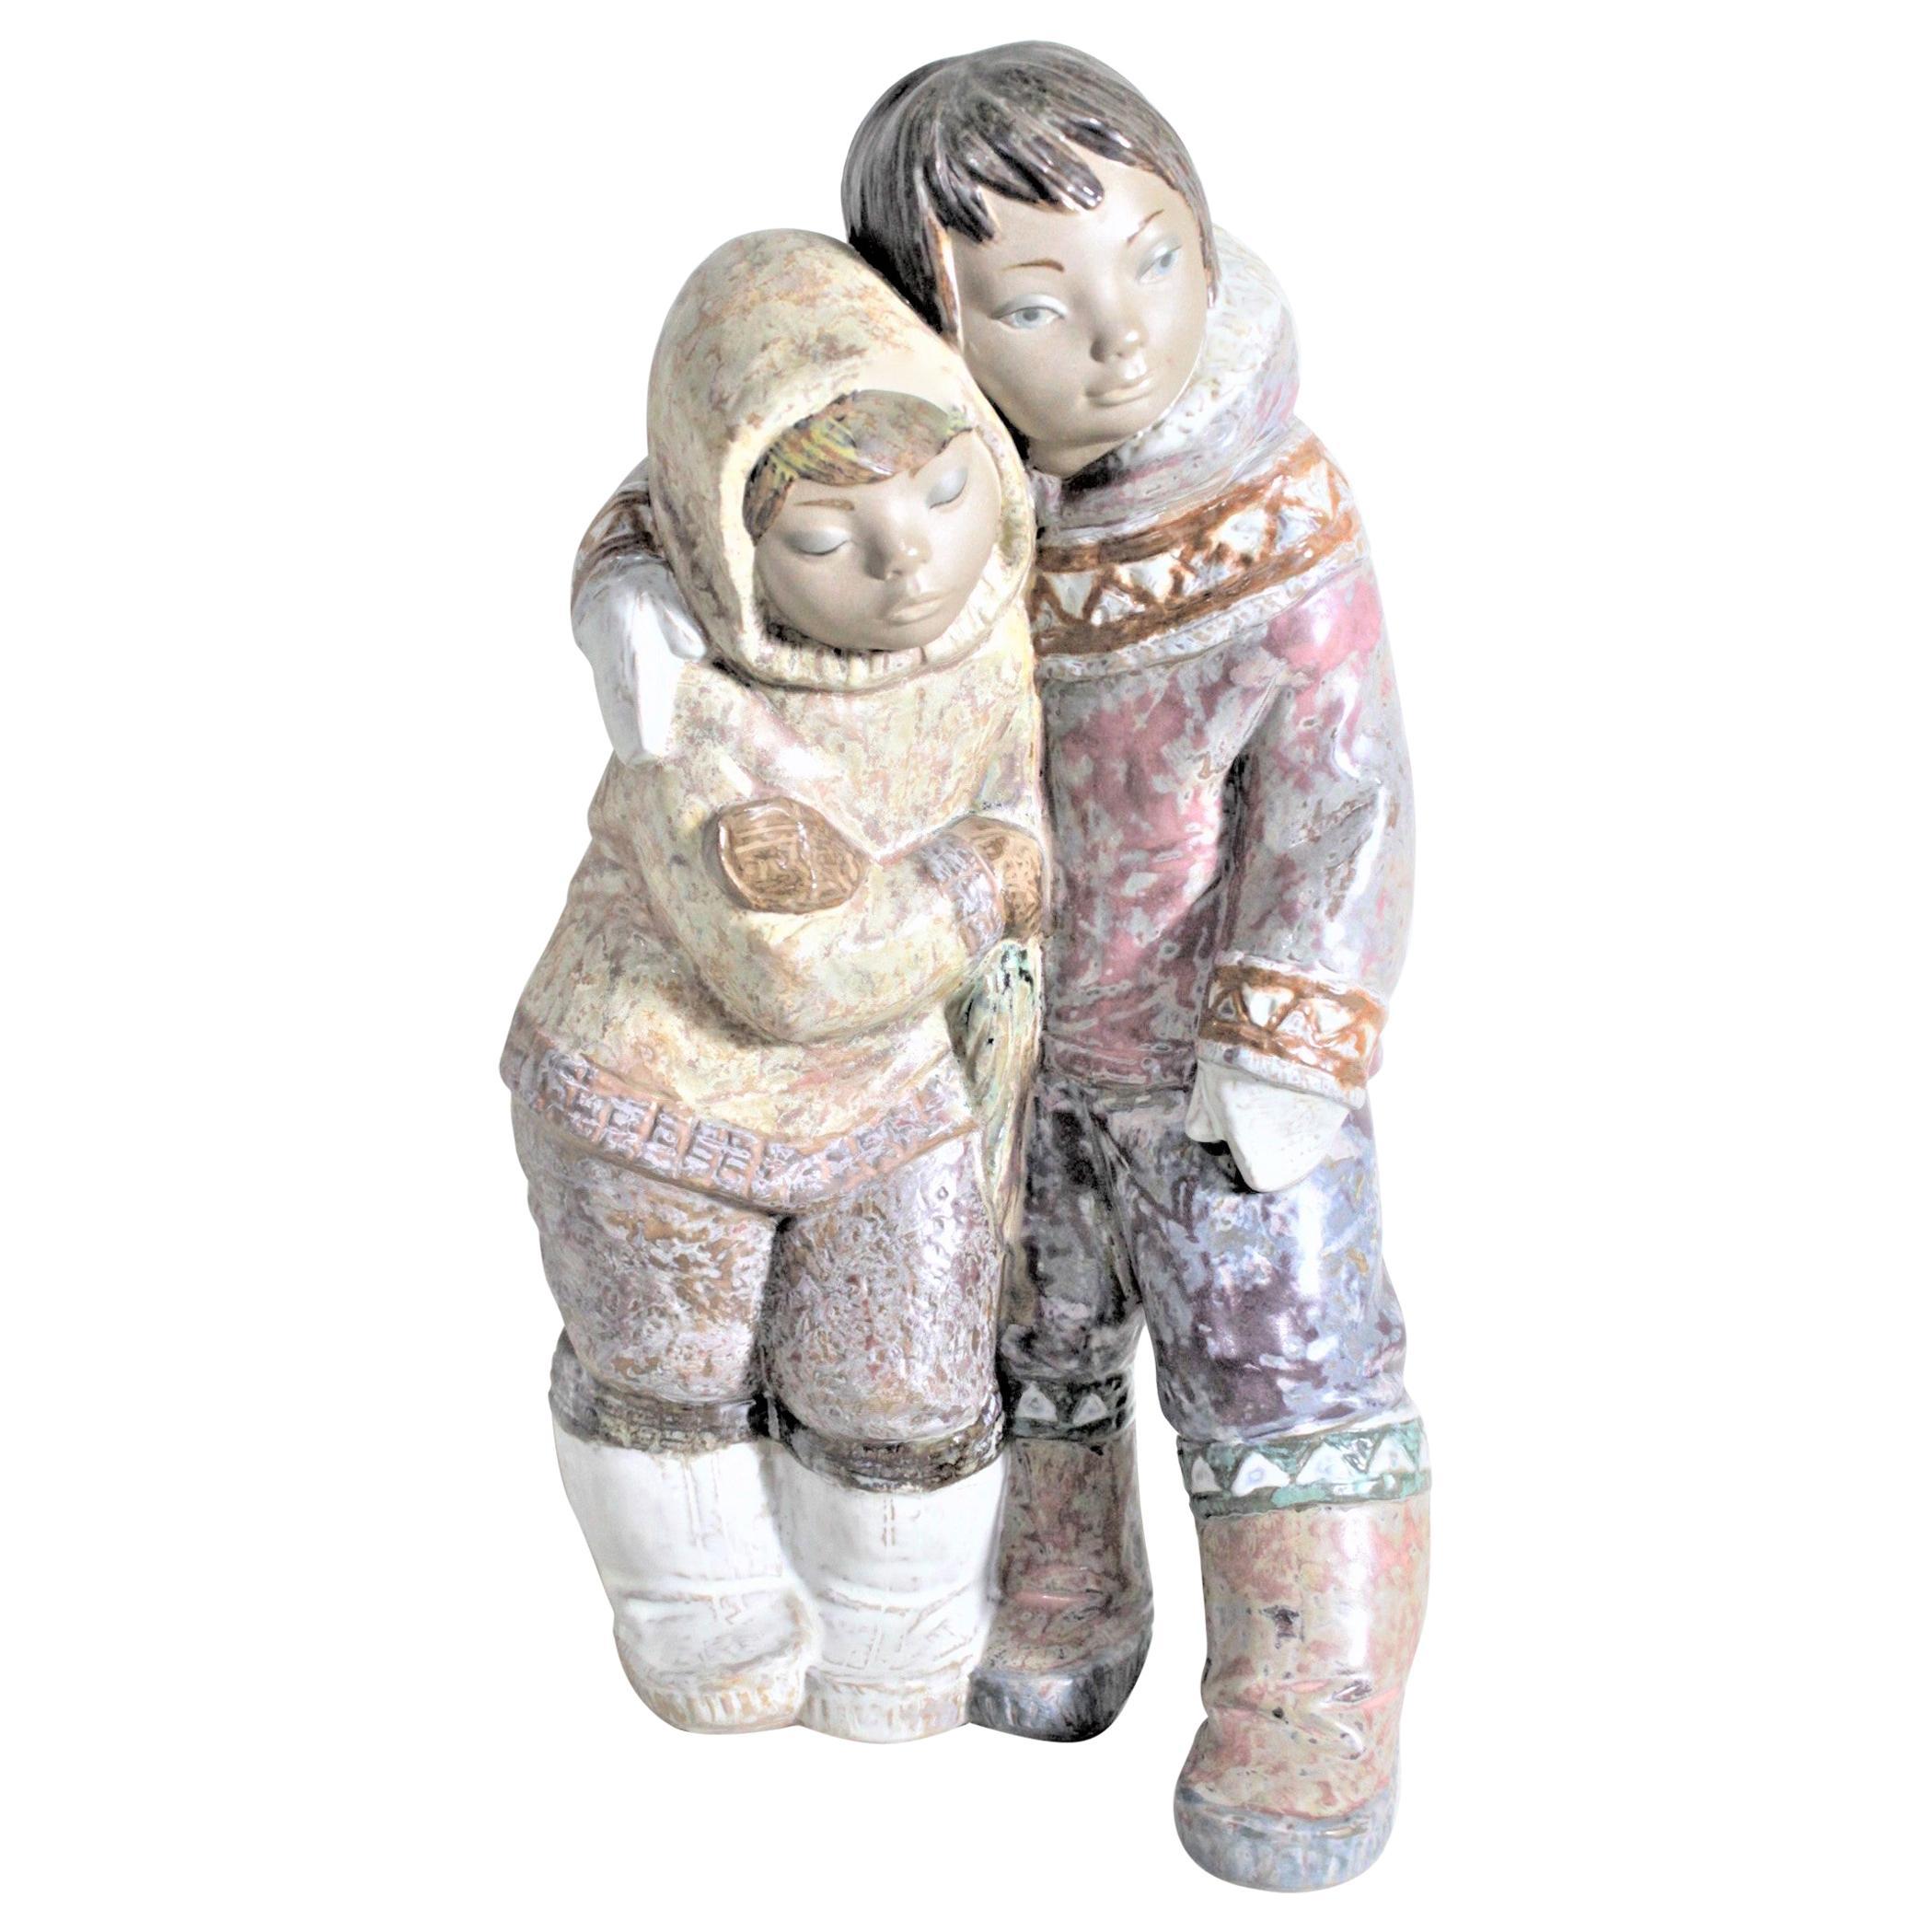 Large Lladro Yupik or Inuit Boy and Girl Affectionately Embracing Figurine